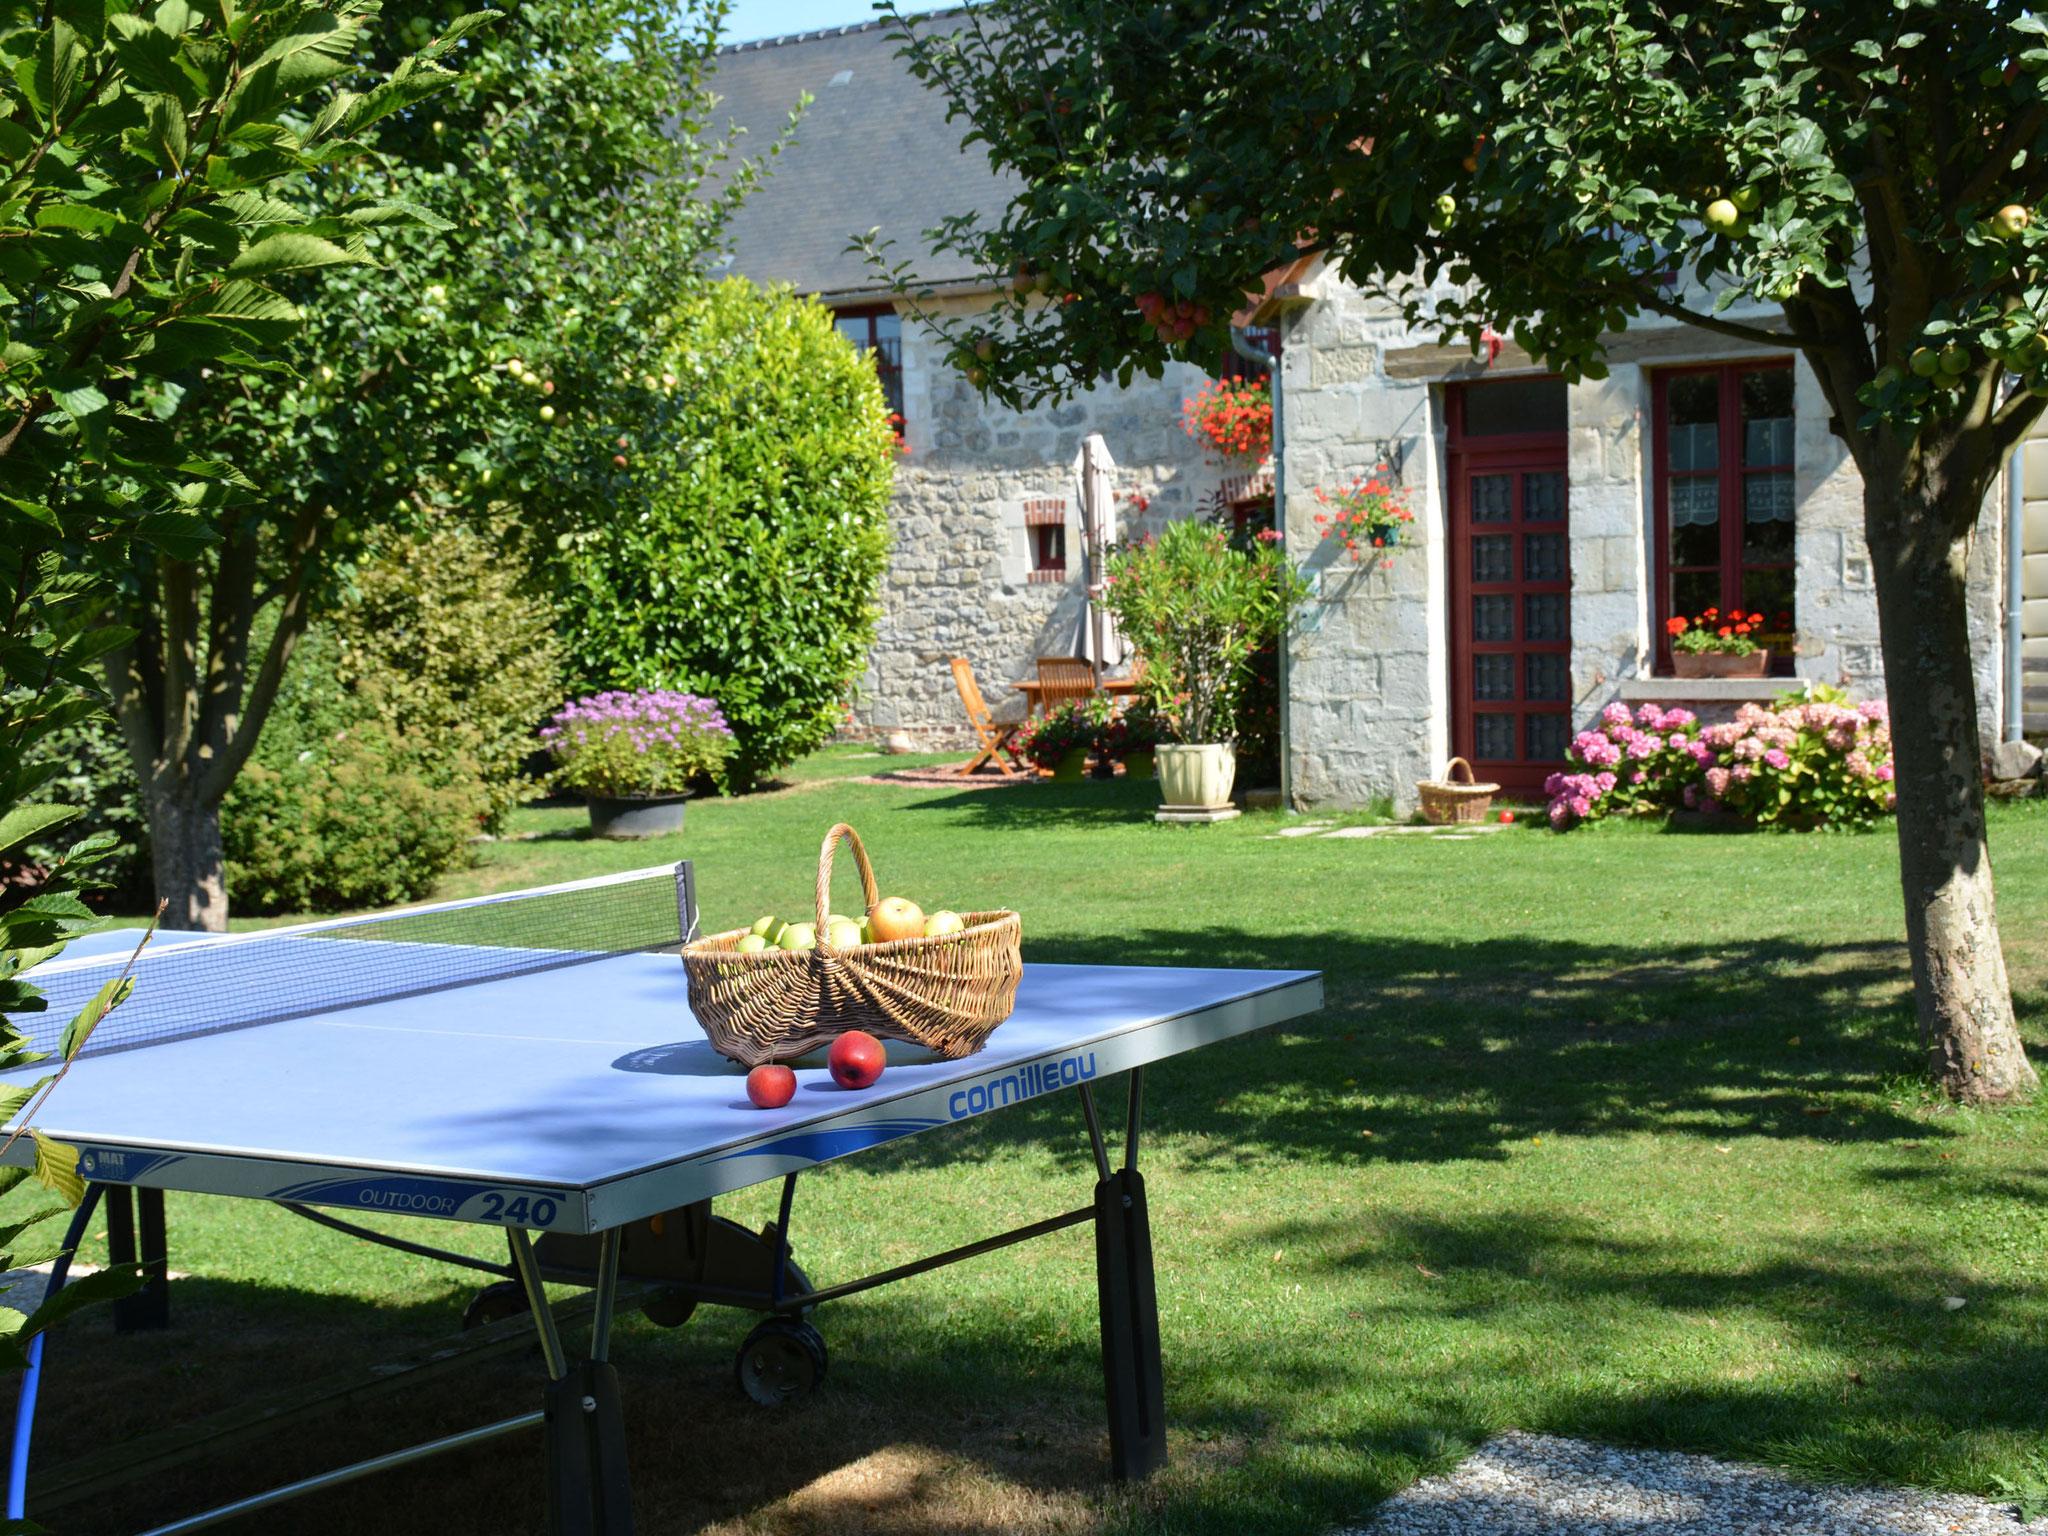 Table de ping-pong sous les pommiers